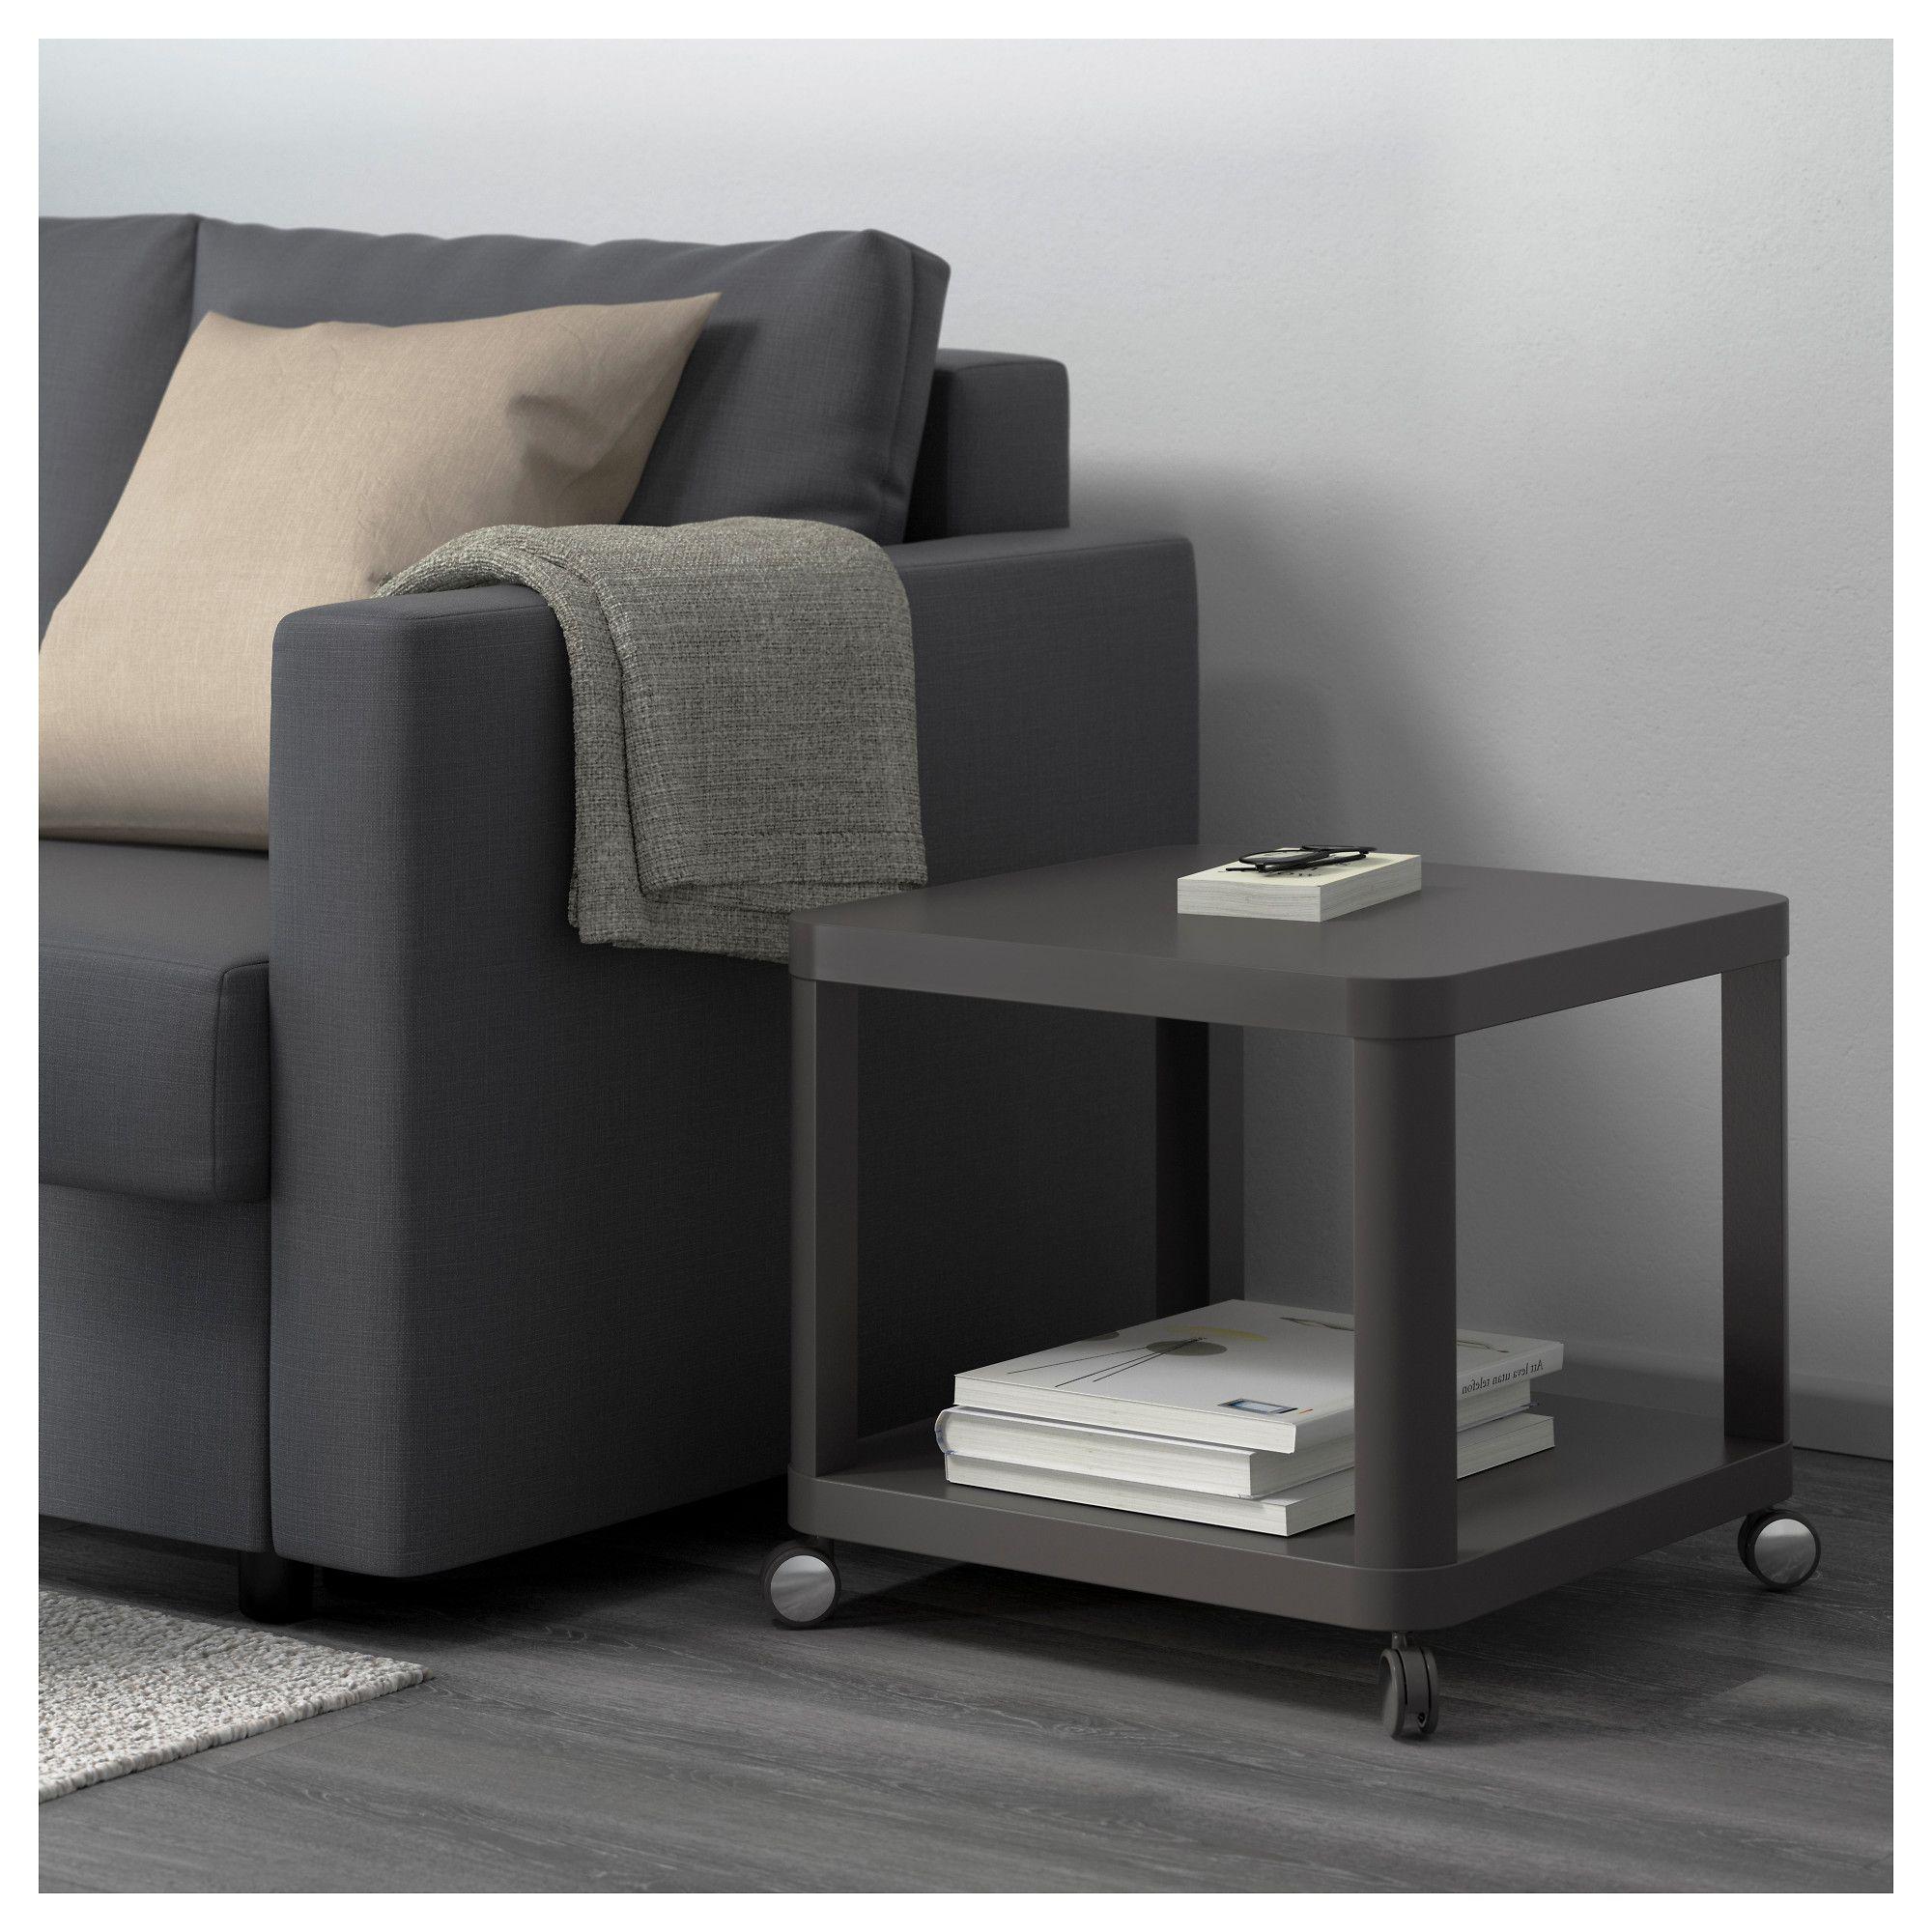 Tingby Mesa Auxiliar Con Ruedas Gris 50x50 Cm Beistelltisch Rollen Wohnzimmermobel Ikea Und Ikea Beistelltisch